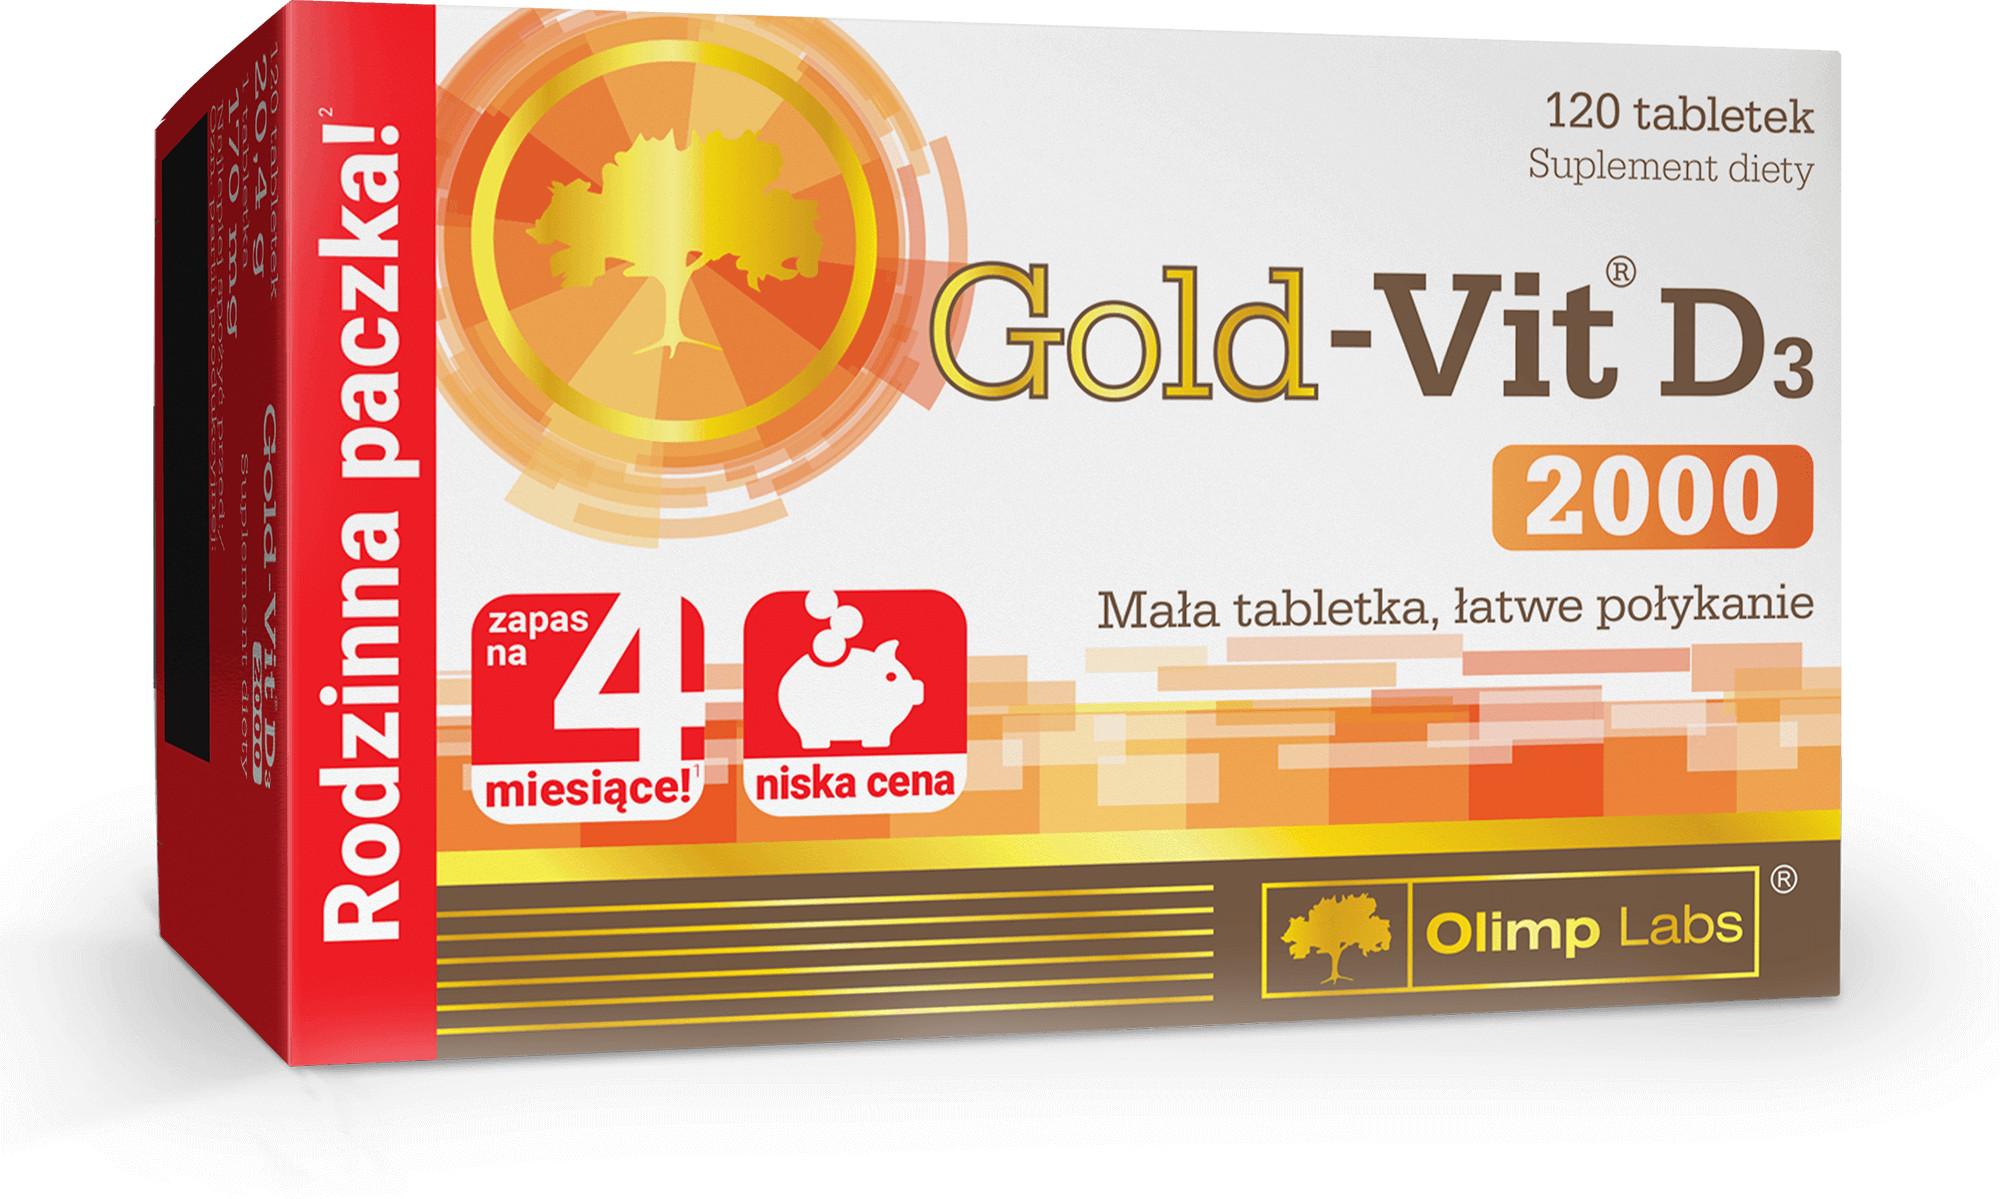 Olimp LABS gold-vit D3 2000 x 120 tabl